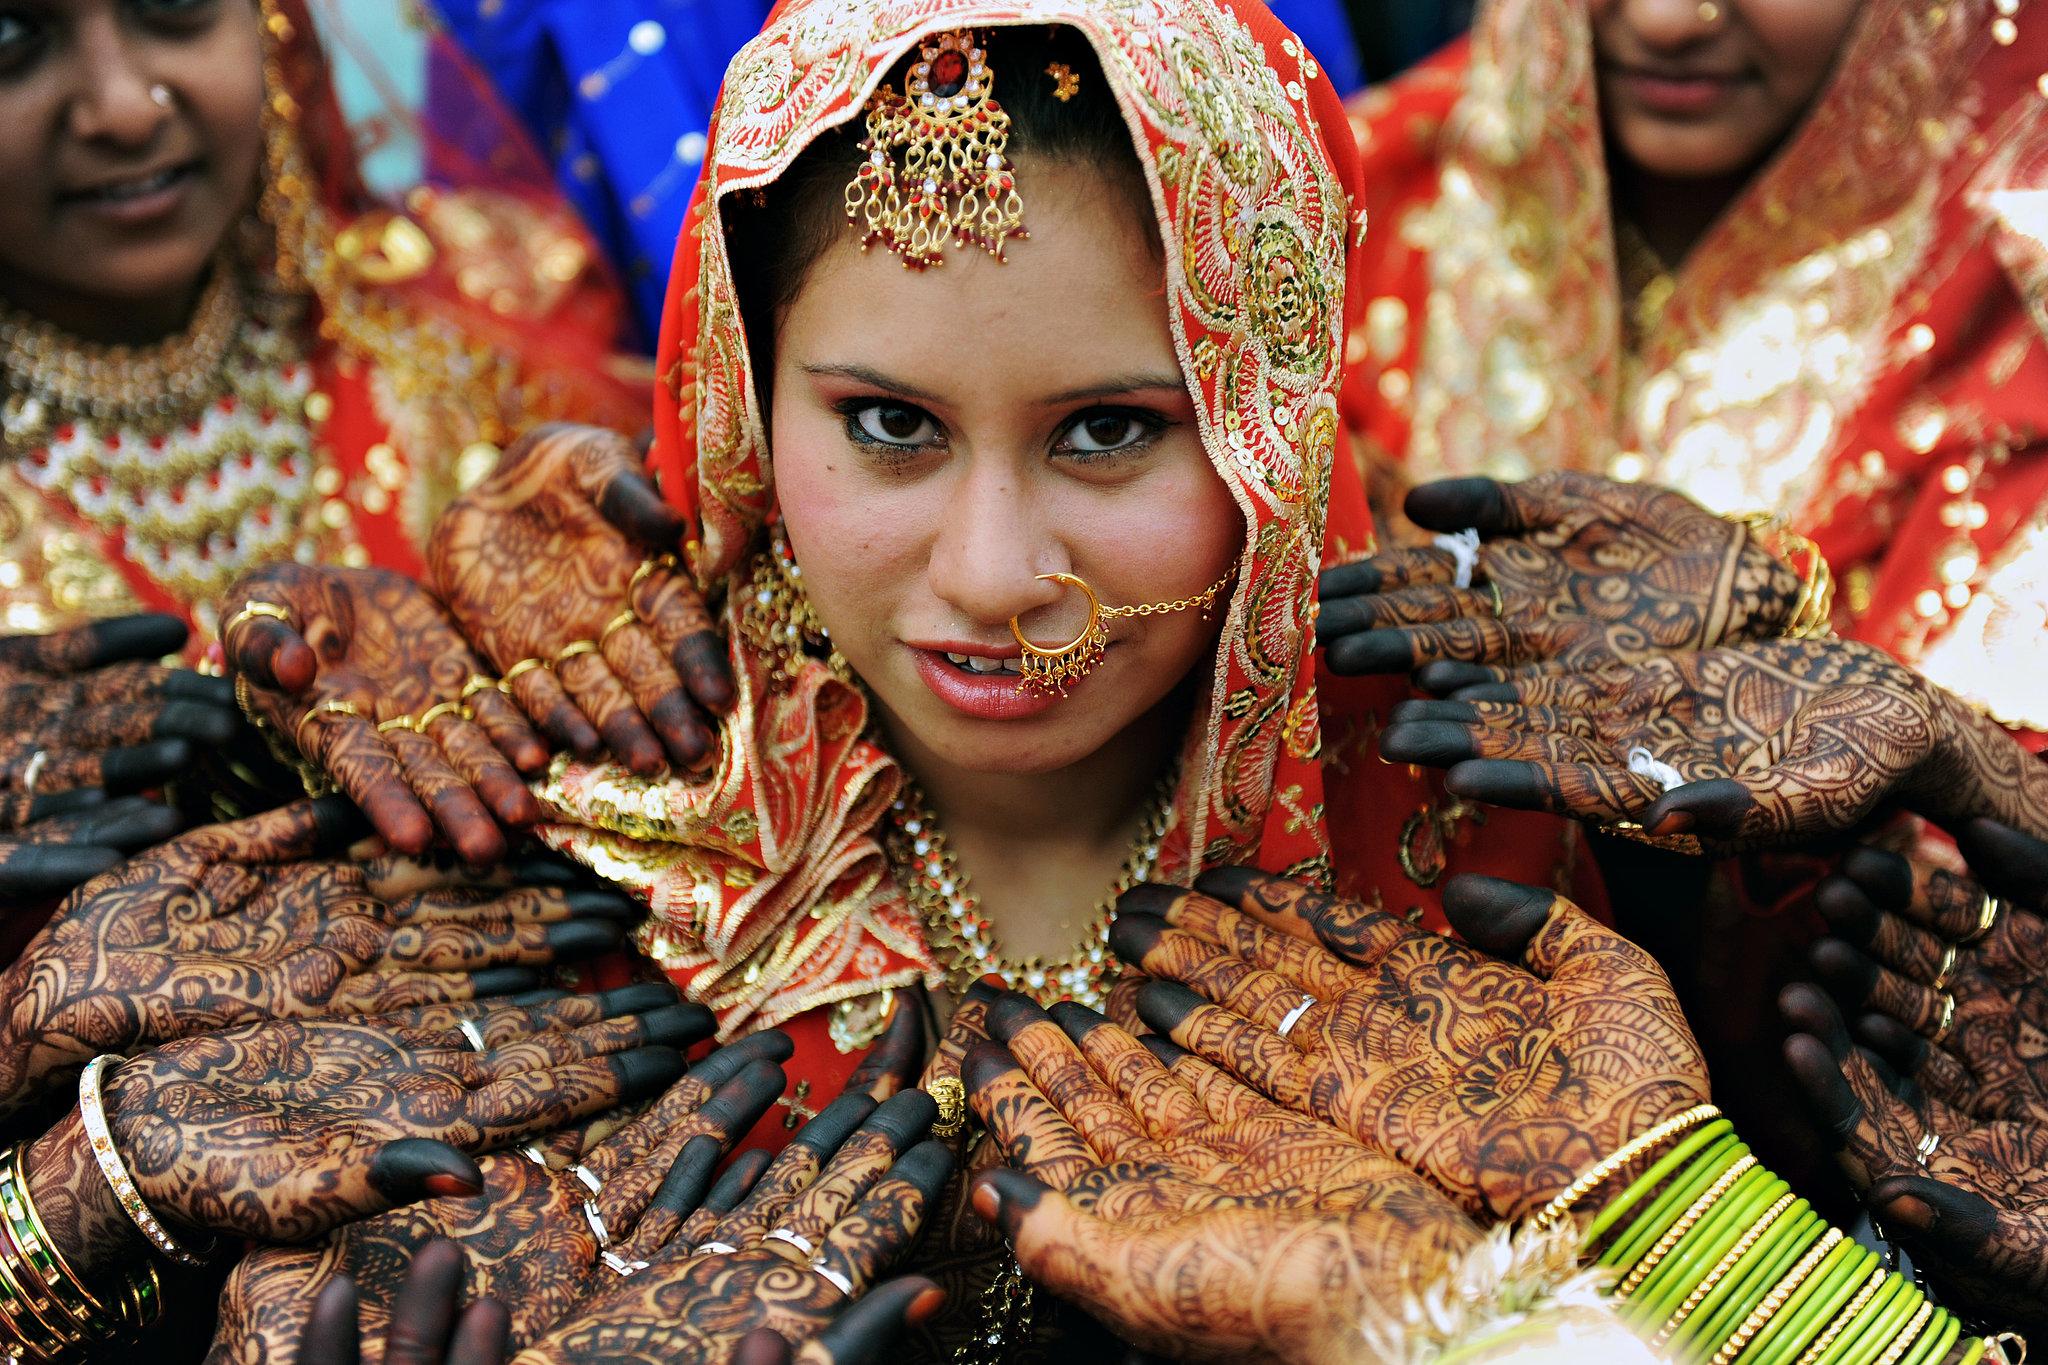 Секс традиции стран мира 11 фотография